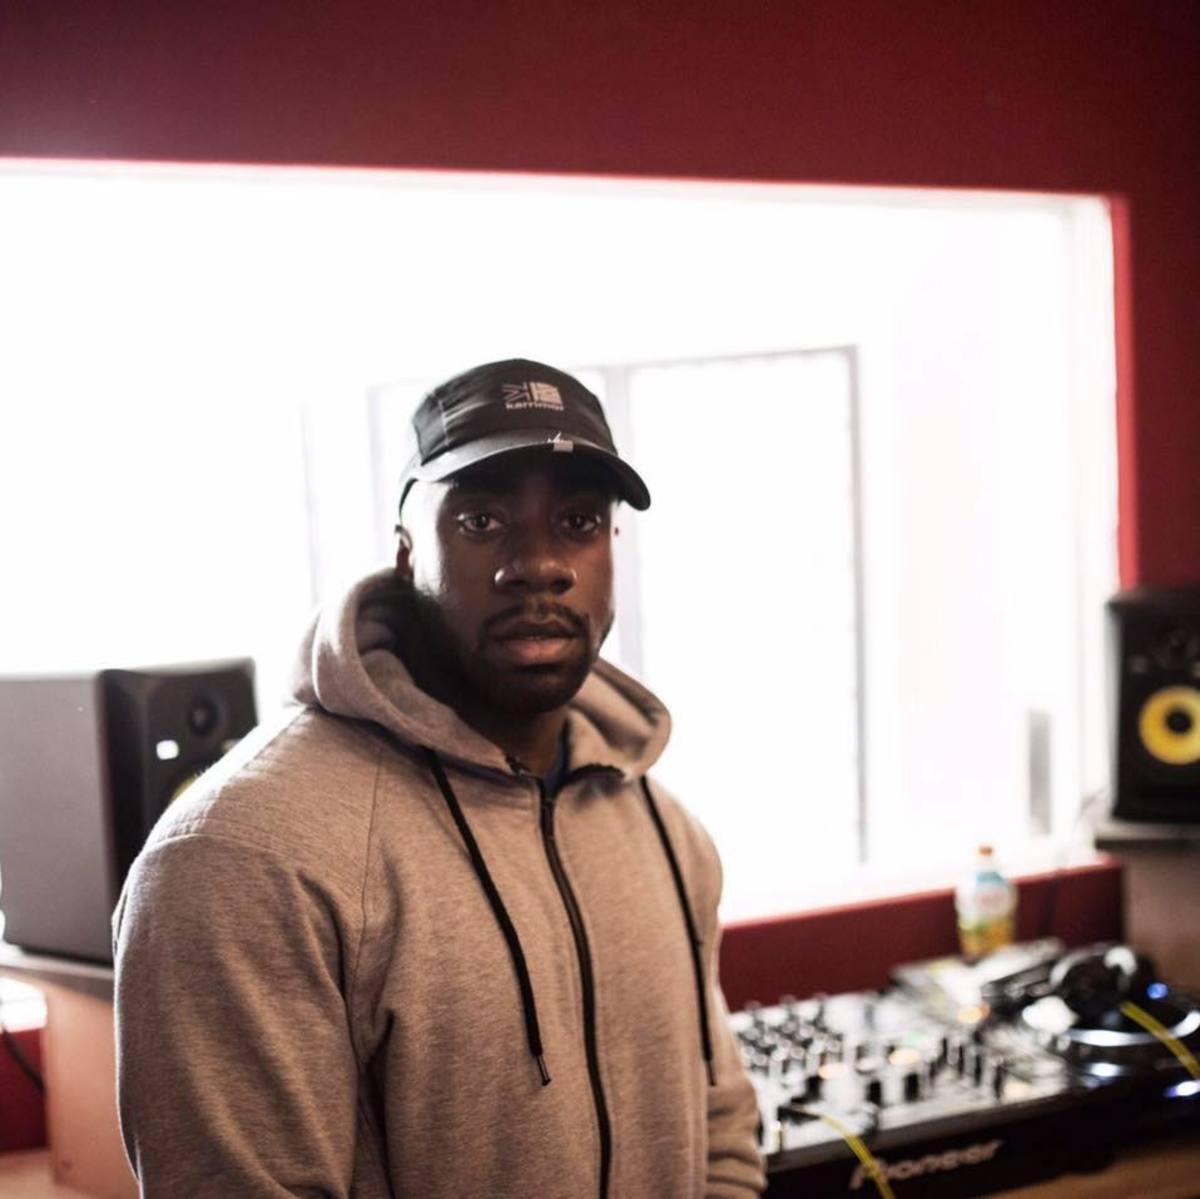 Bassboy in studio.